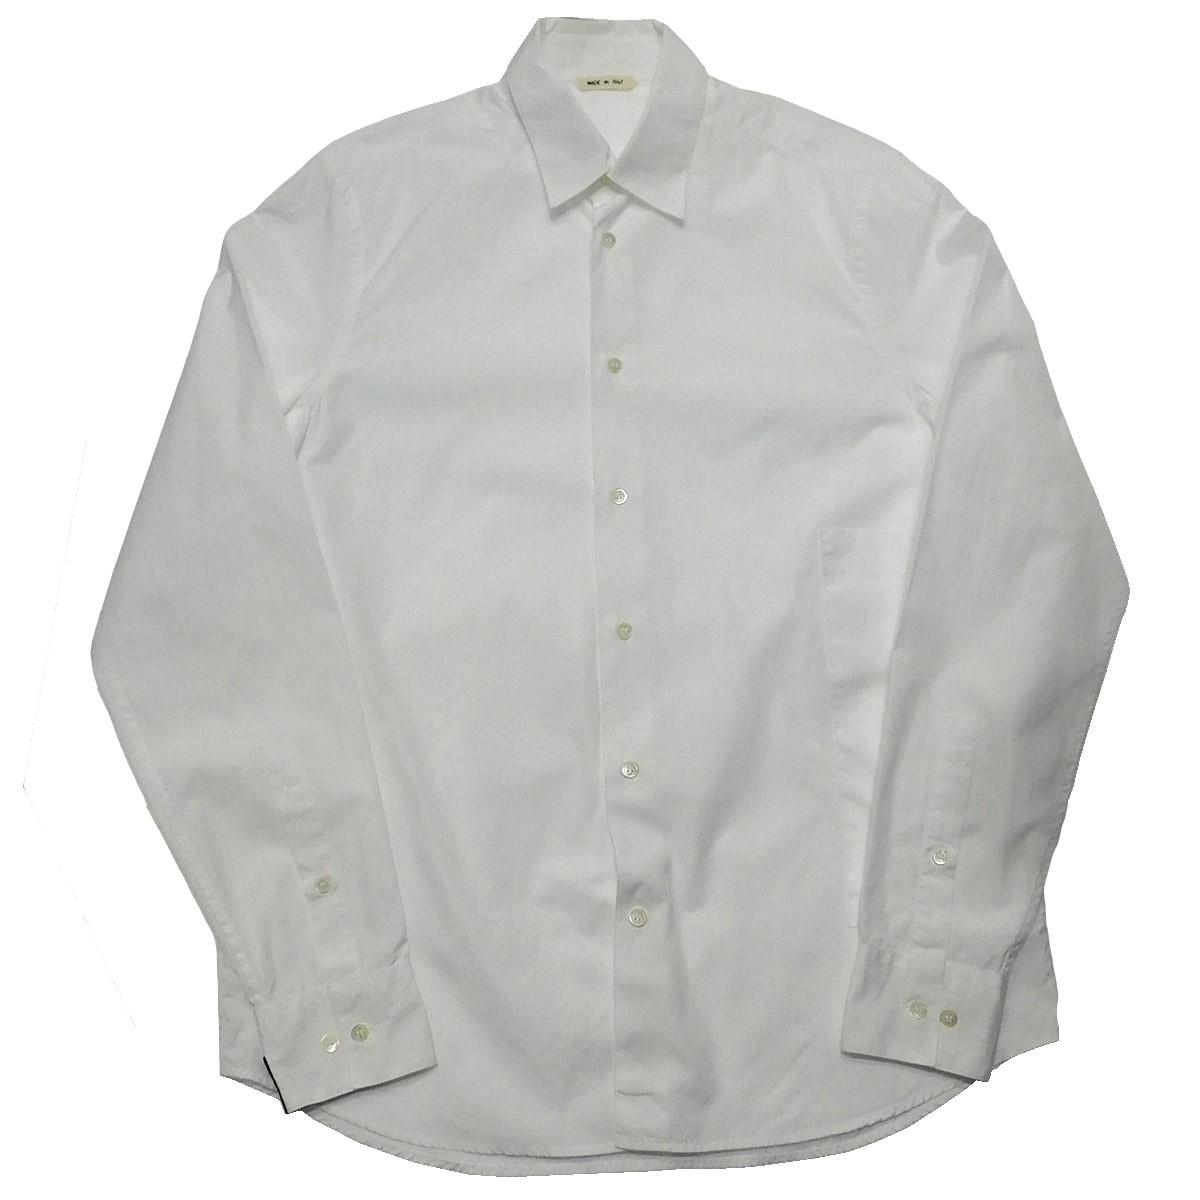 【中古】MARNI 2017SS サイドポケットパッチデザインシャツ ホワイト サイズ:50 【170220】(マルニ)